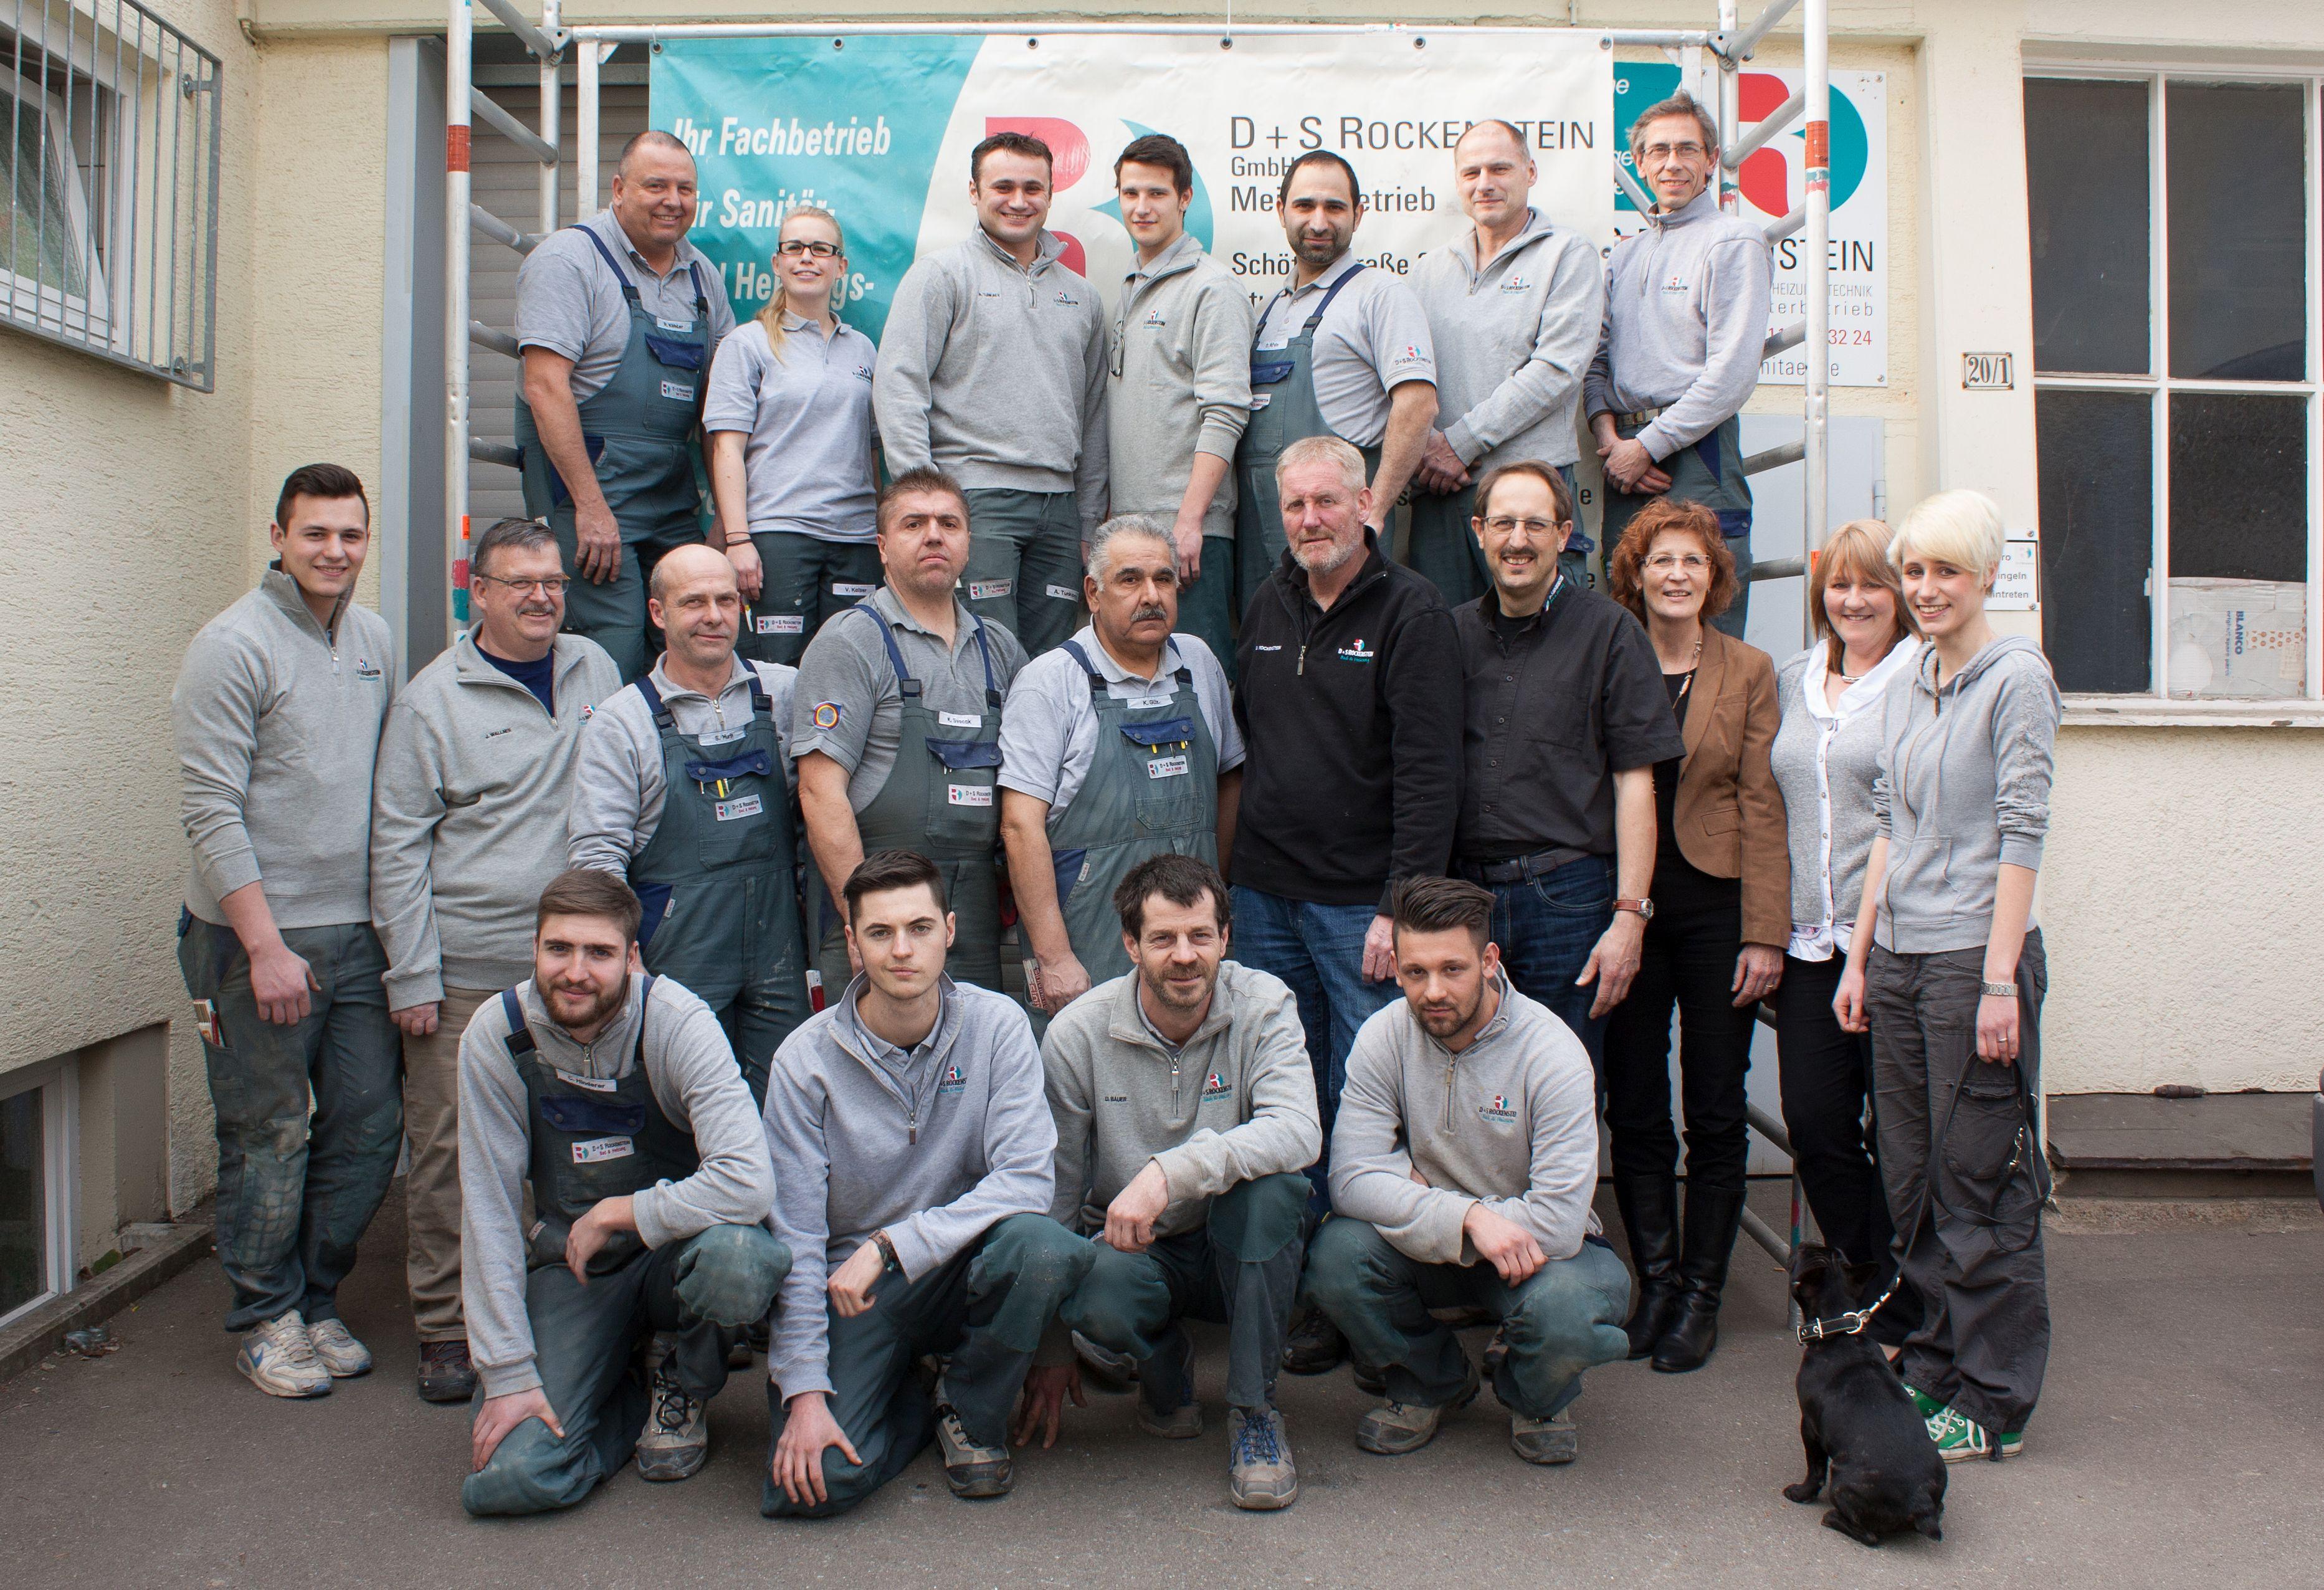 D + S Rockenstein GmbH